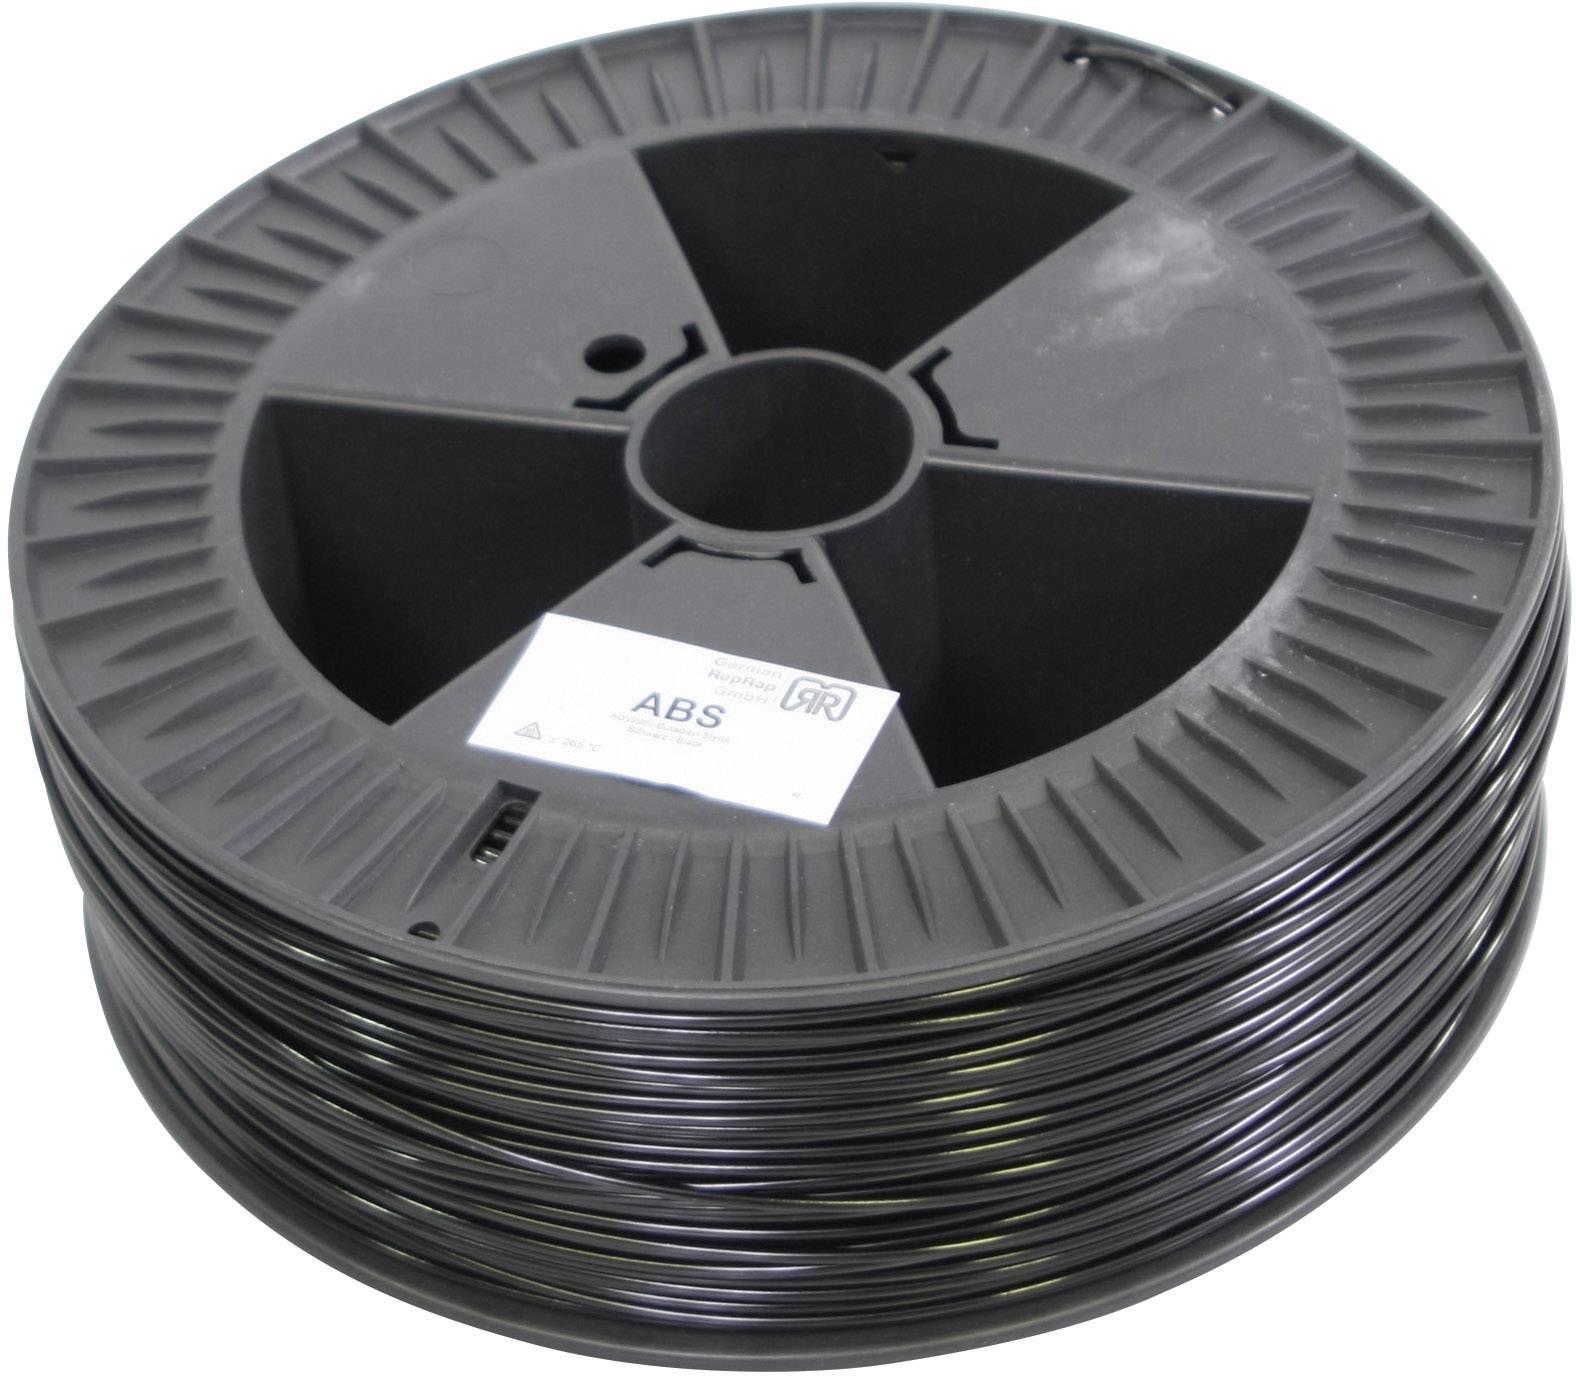 Vlákno pre 3Dtlačiarne, German RepRap 100107, ABS plast , 3 mm, 2.1 kg, čierna